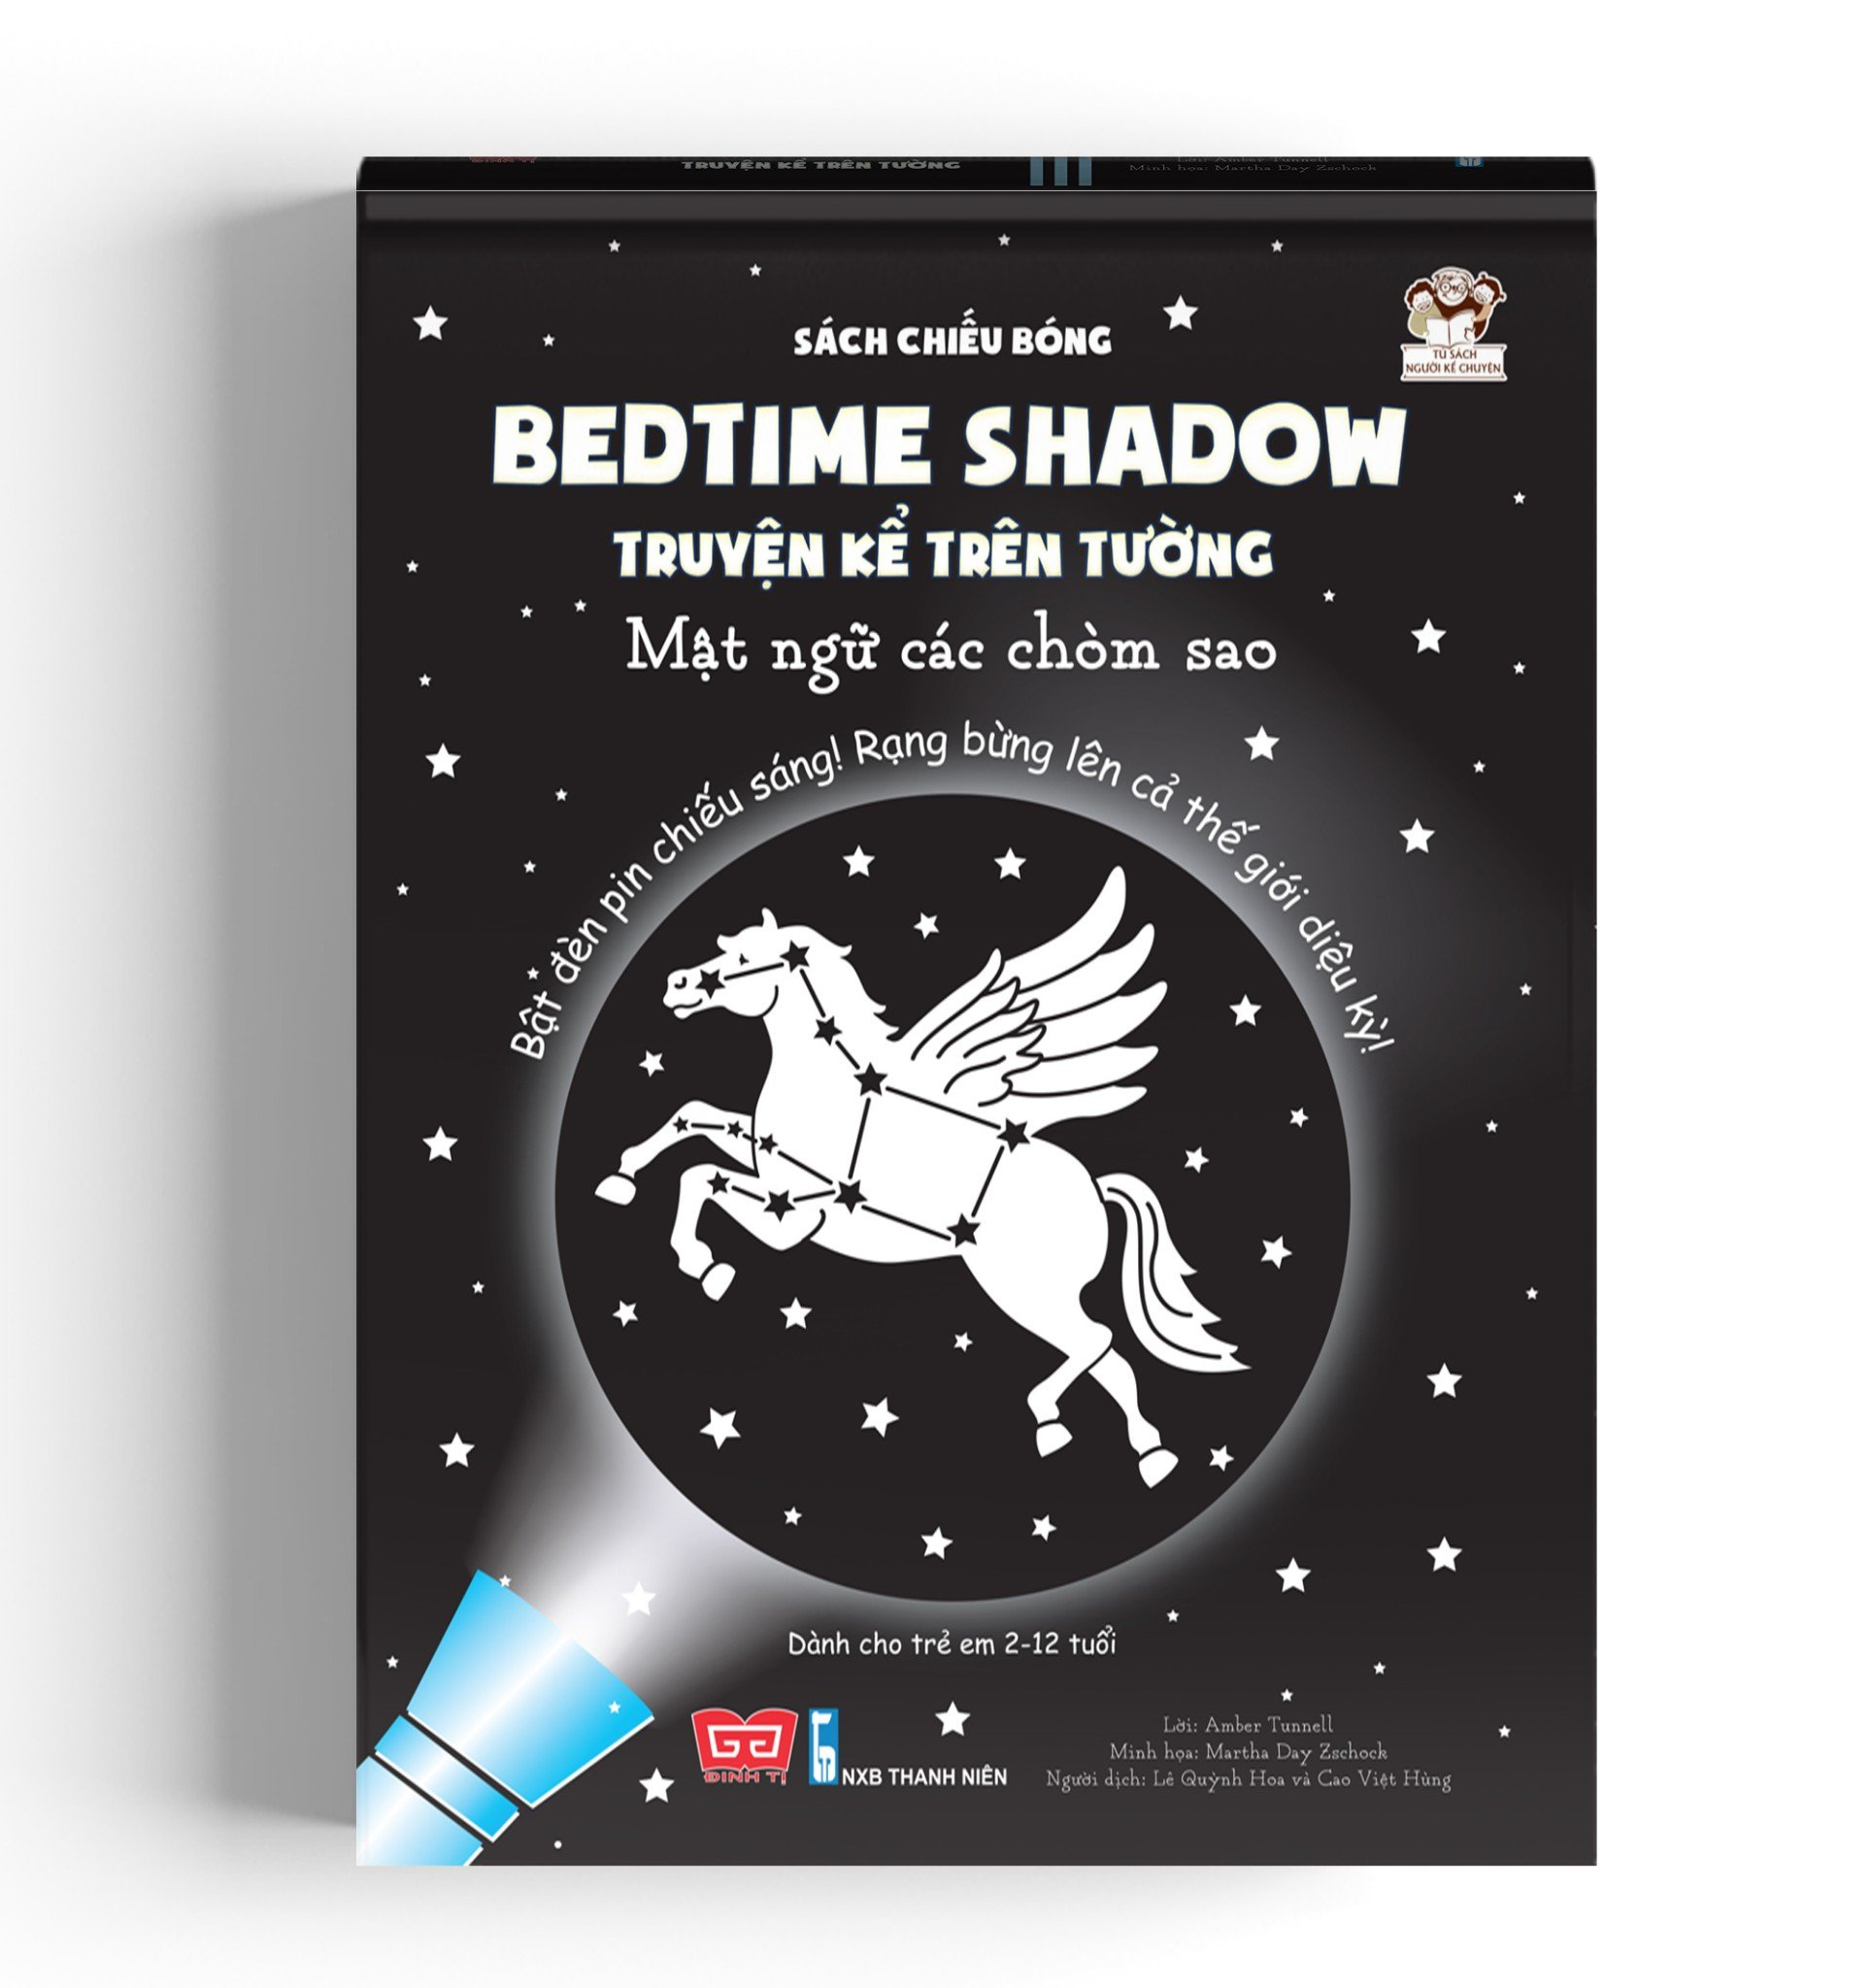 Sách chiếu bóng - Bedtime shadow – Truyện kể trên tường - Mật ngữ các chòm sao (TB)